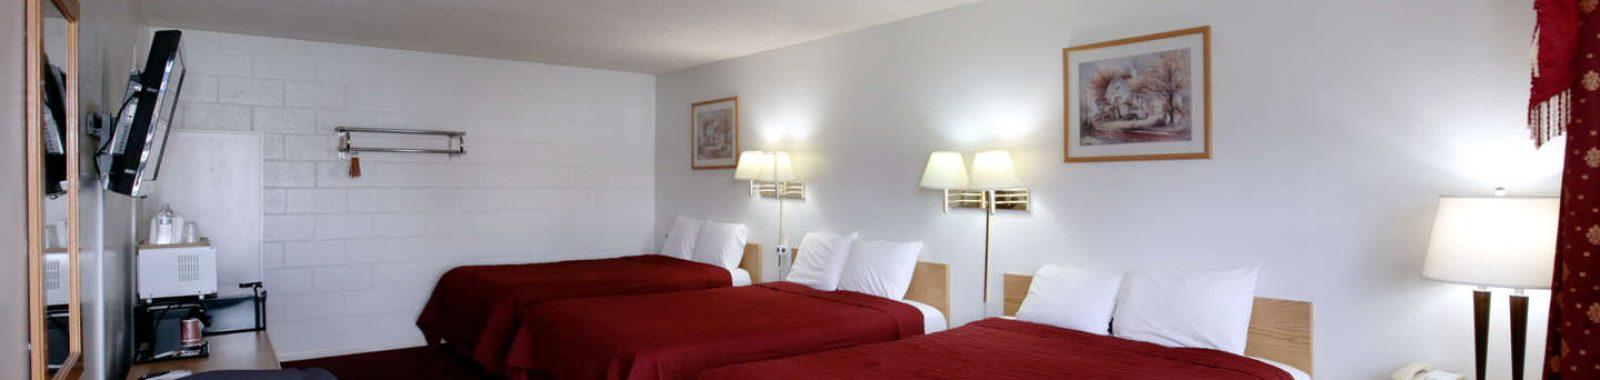 Three Queens Room in Winnemucca